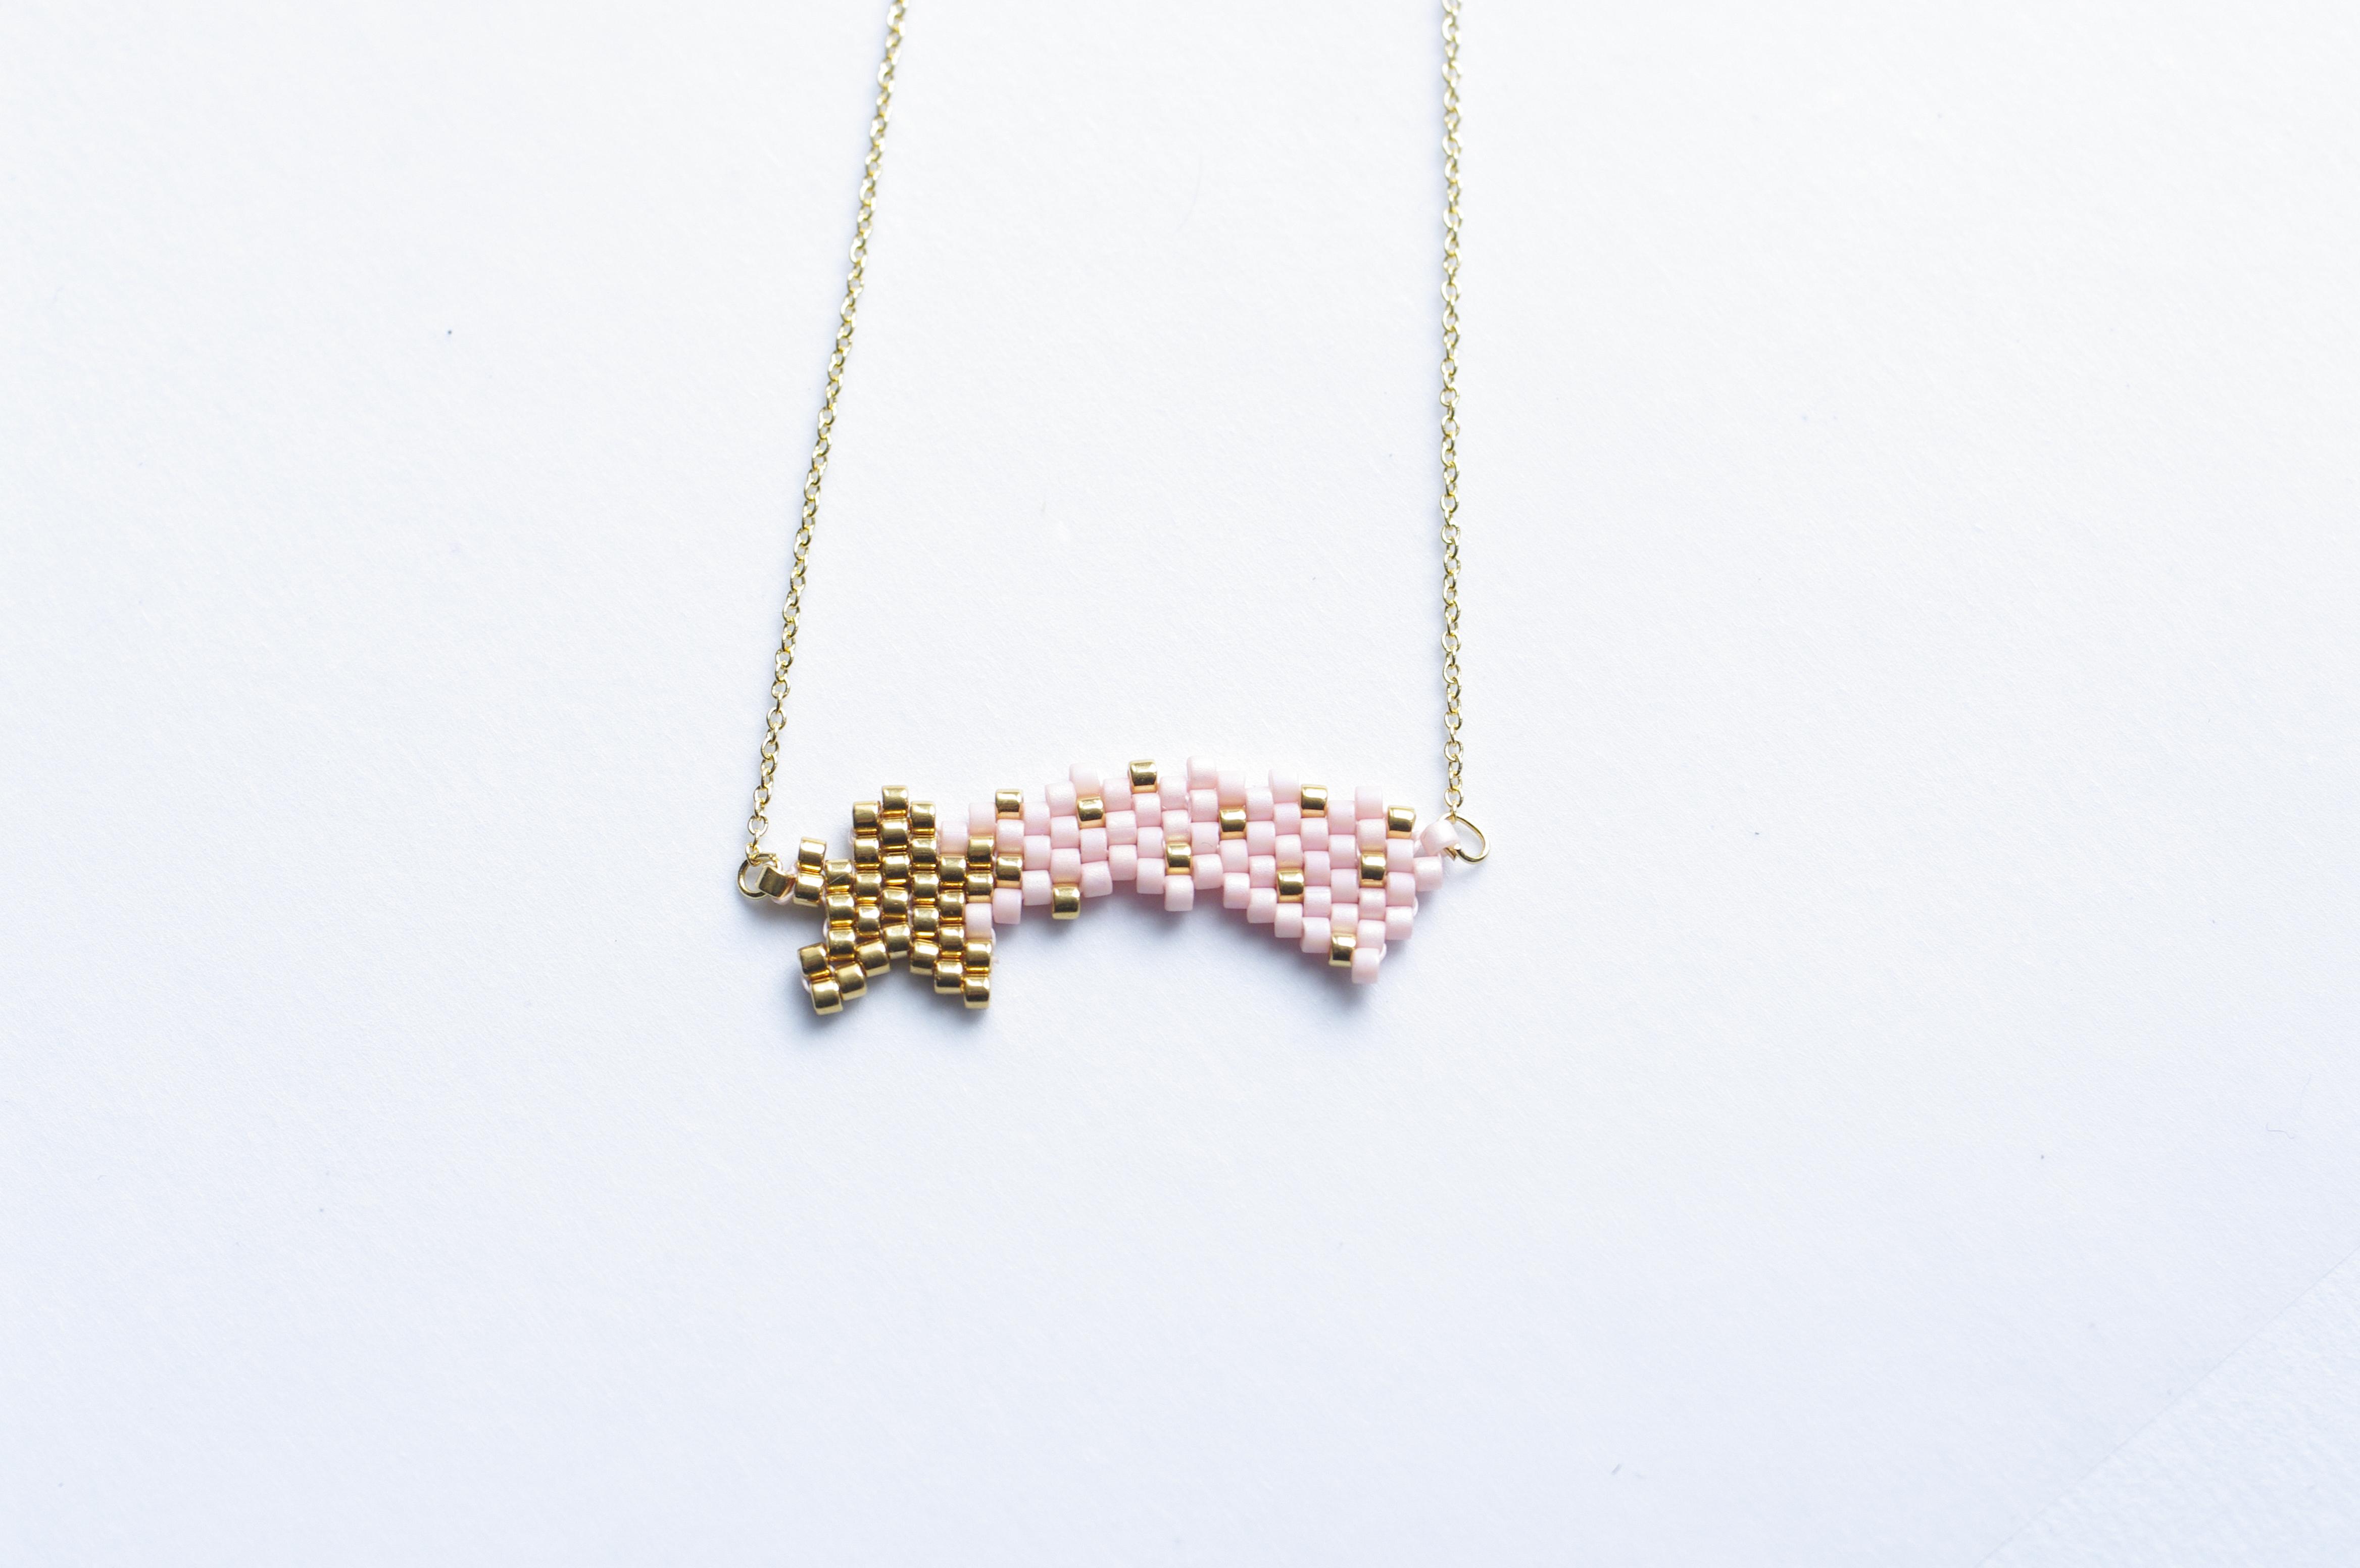 Tutoriel – L'étoile filante en tissage de perles brick stitch